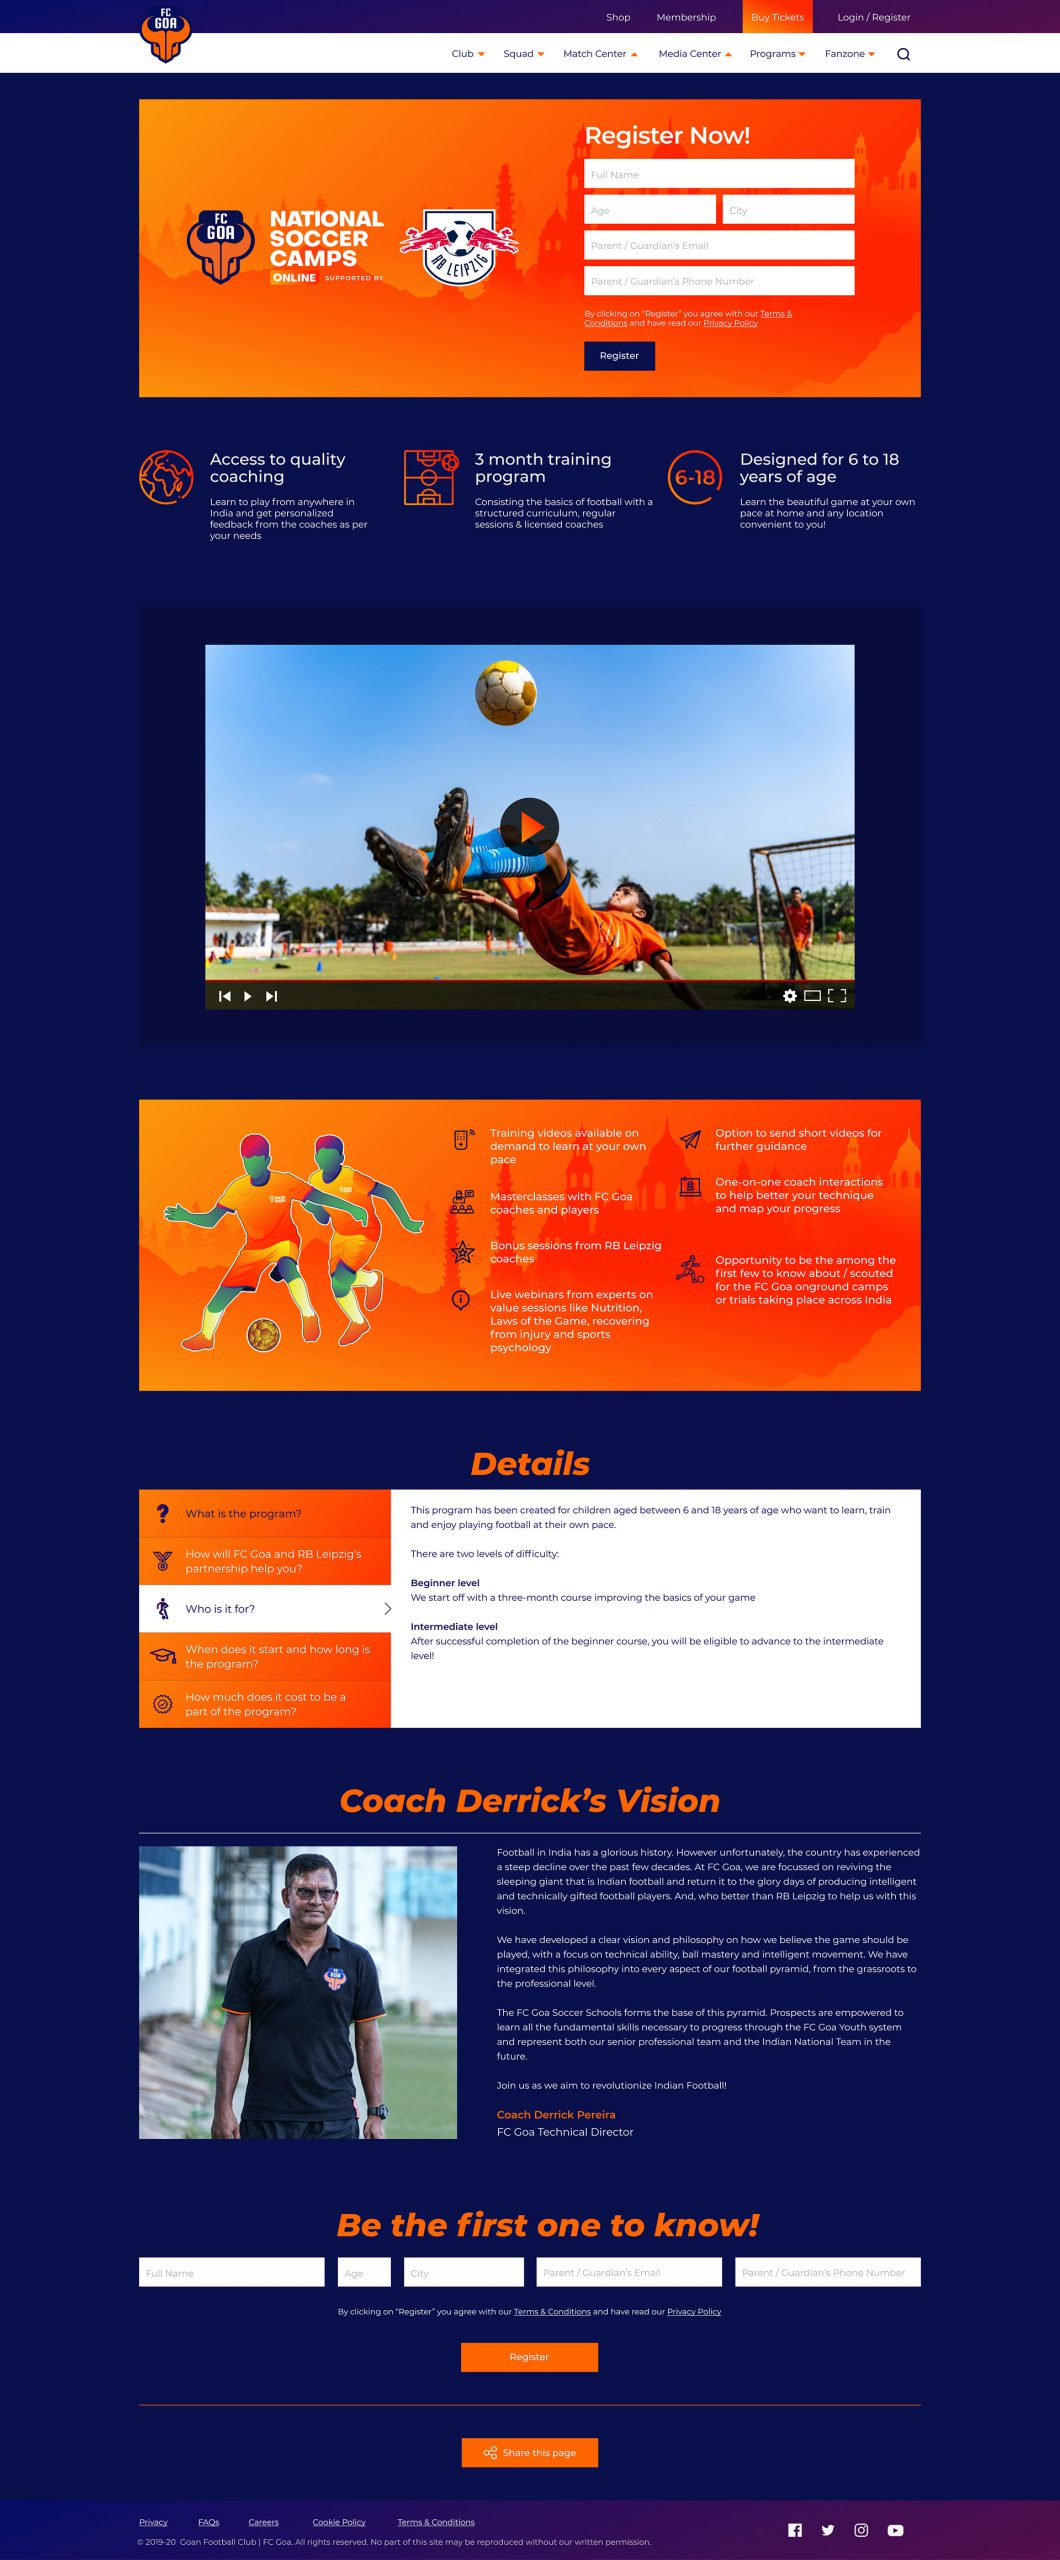 Soccer_Camps_Online